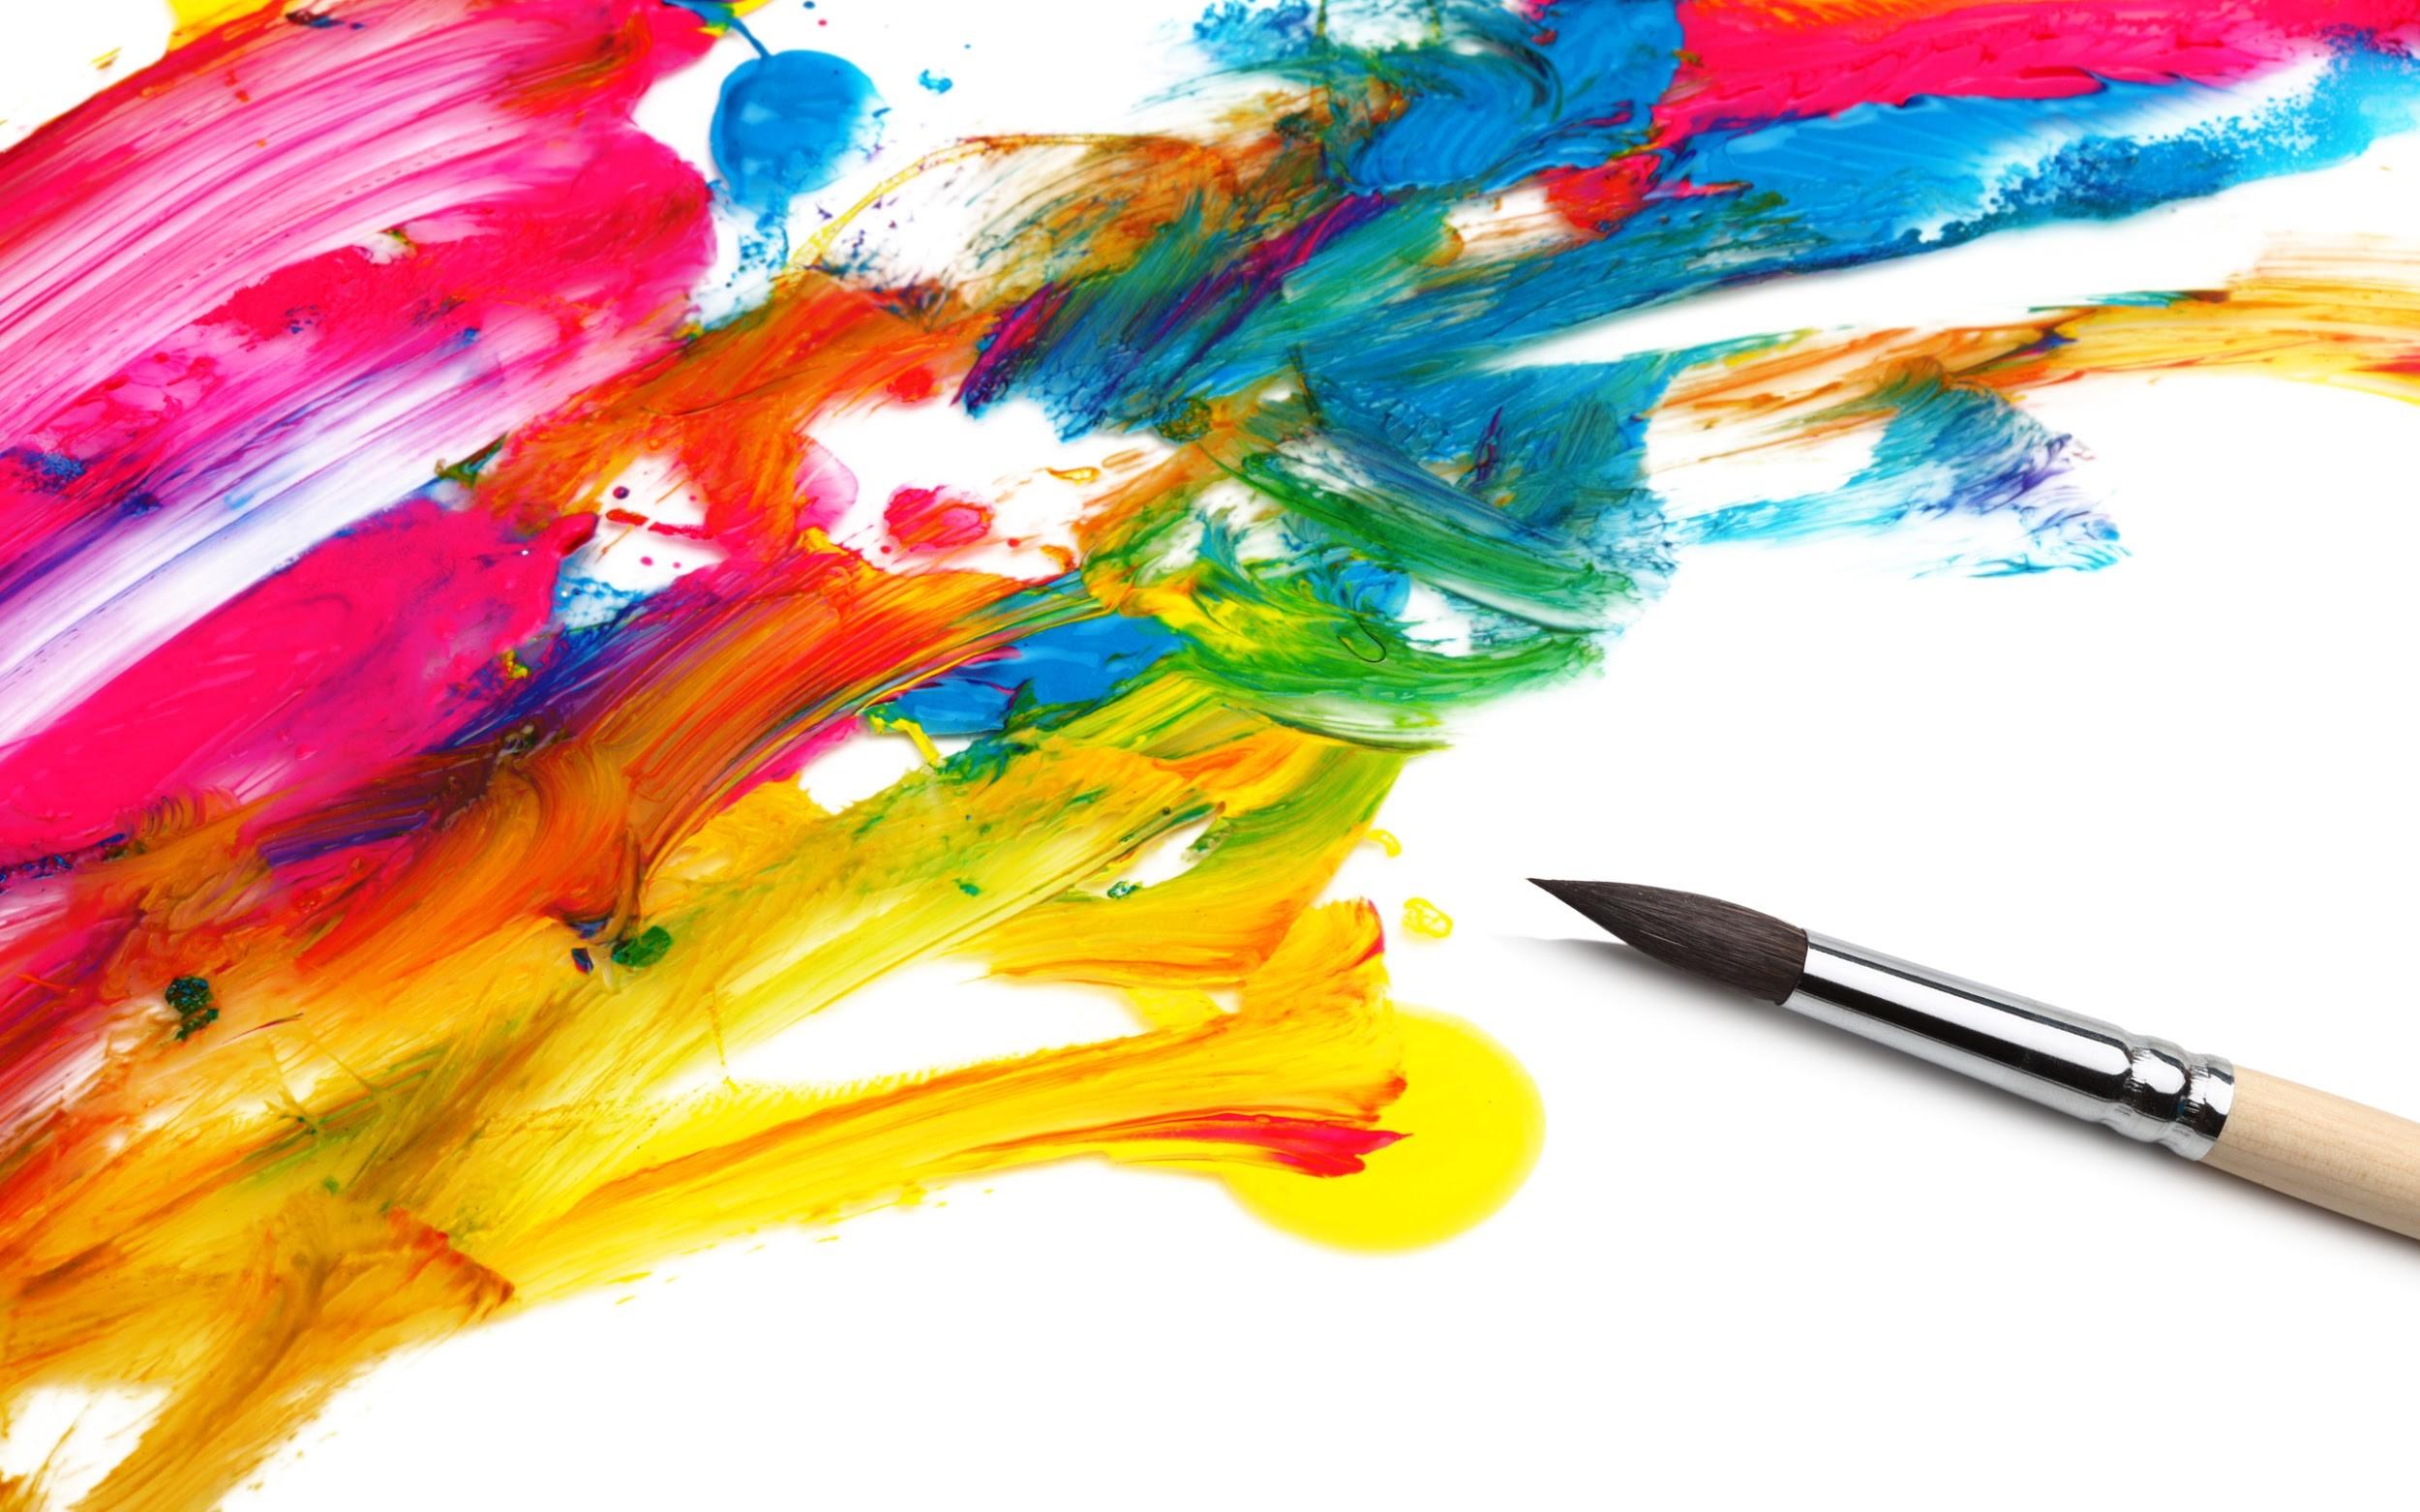 5 cele mai des intalnite intrebari despre pictura